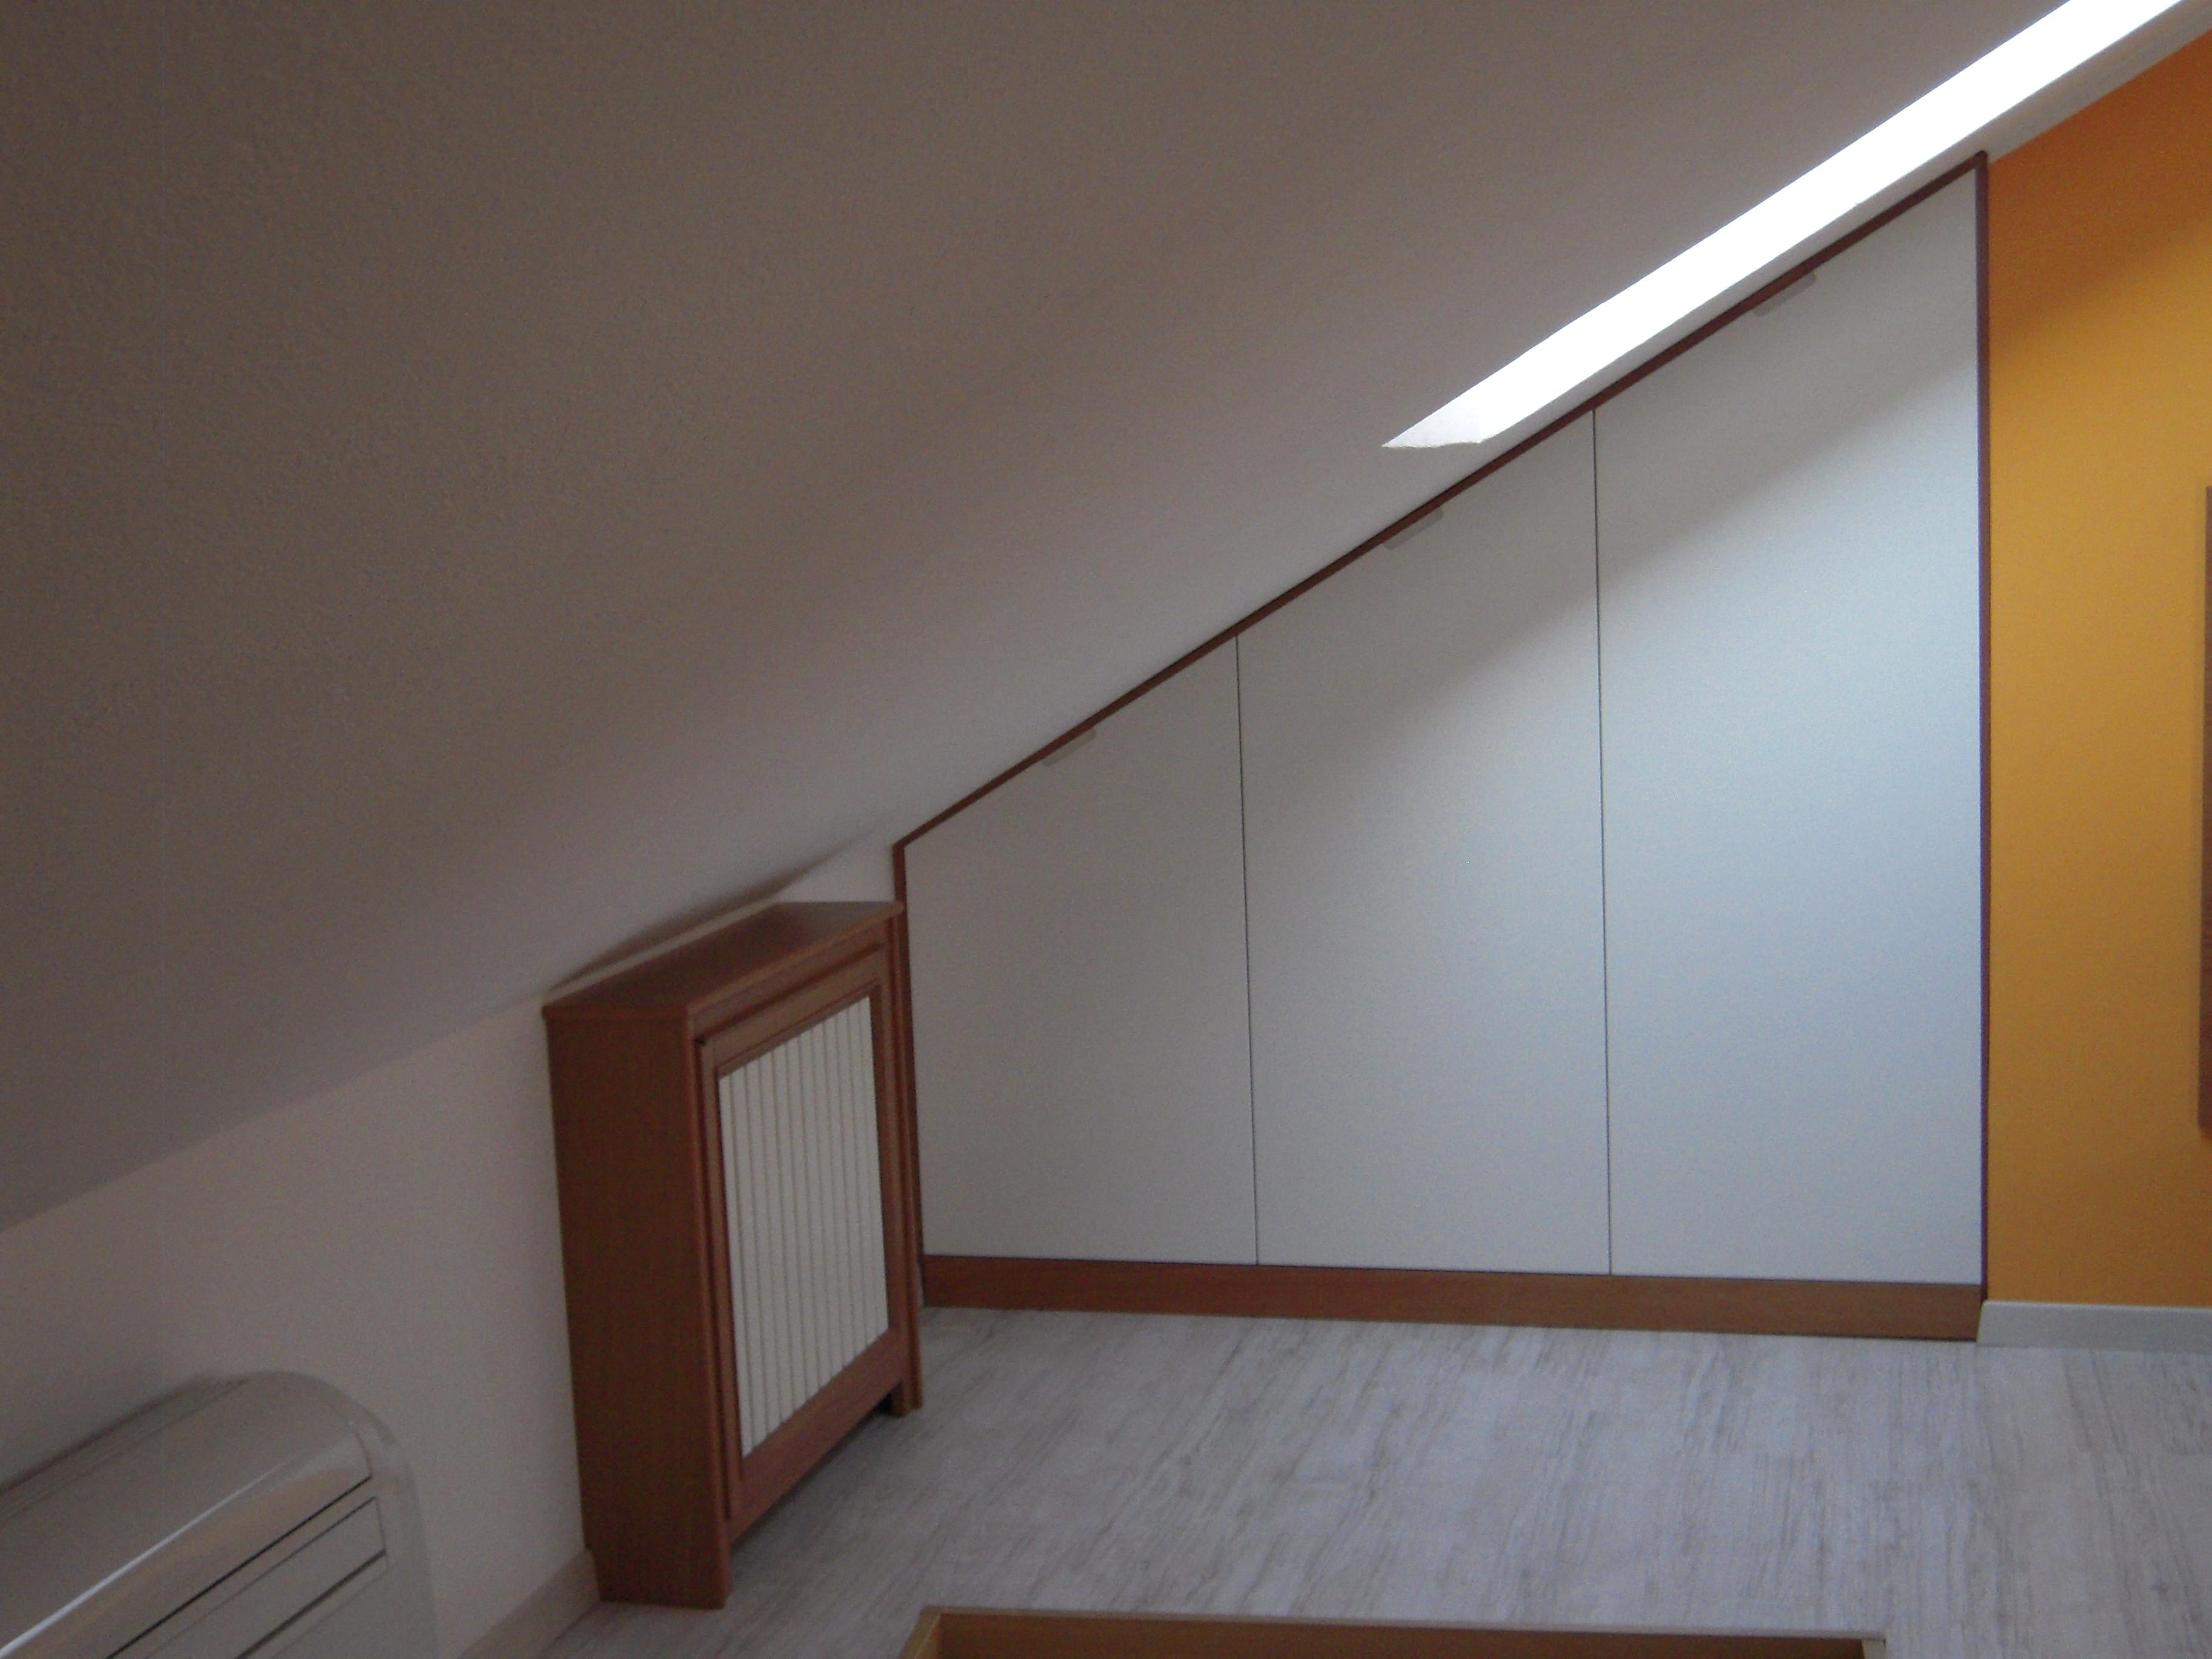 Progetto arredo mansarda su misura progetti mobili for Progetto arredo